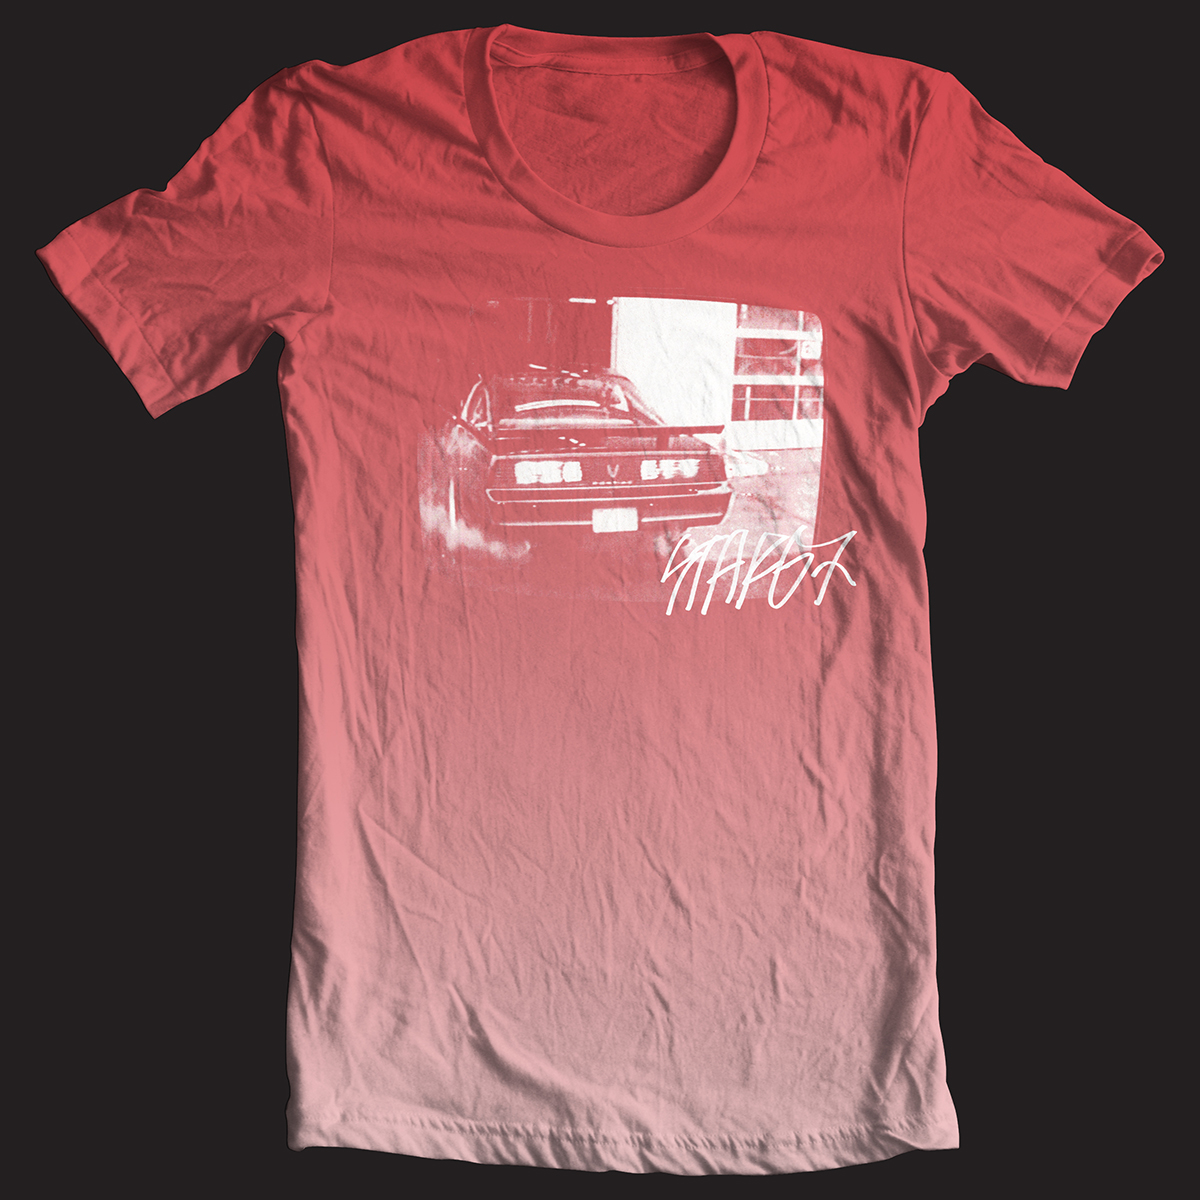 shirt_star67_2.jpg